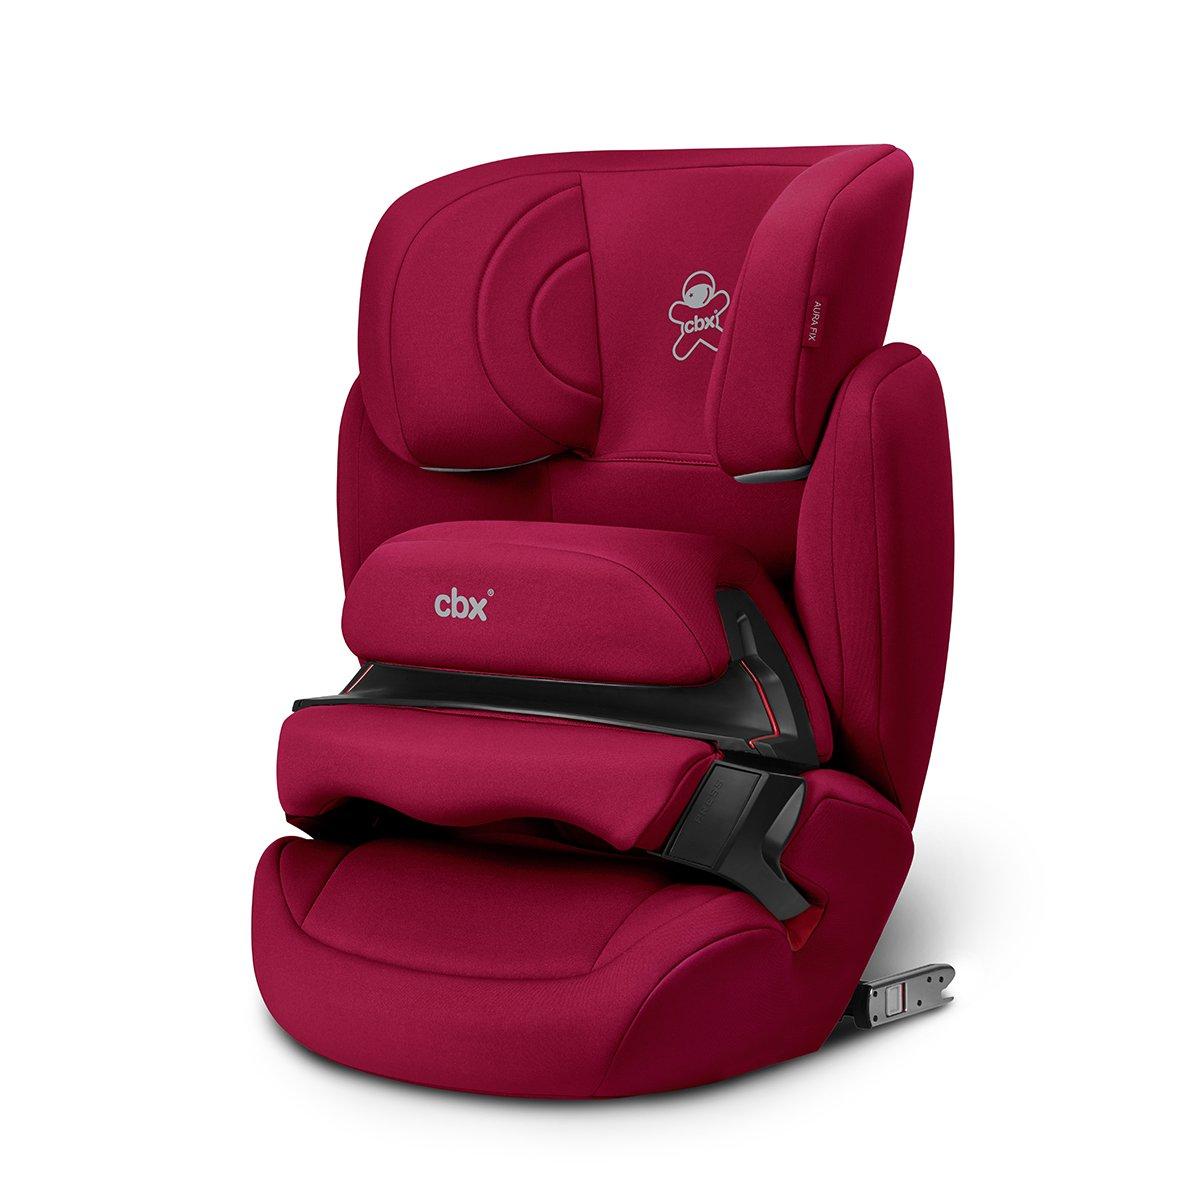 cbx Kinder-Autositz Aura-Fix, Gruppe 1/2/3 (9-36 kg), Ab ca. 9 Monate bis ca. 12 Jahre, Für Autos mit und ohne ISOFIX, Crunchy Red 518001597